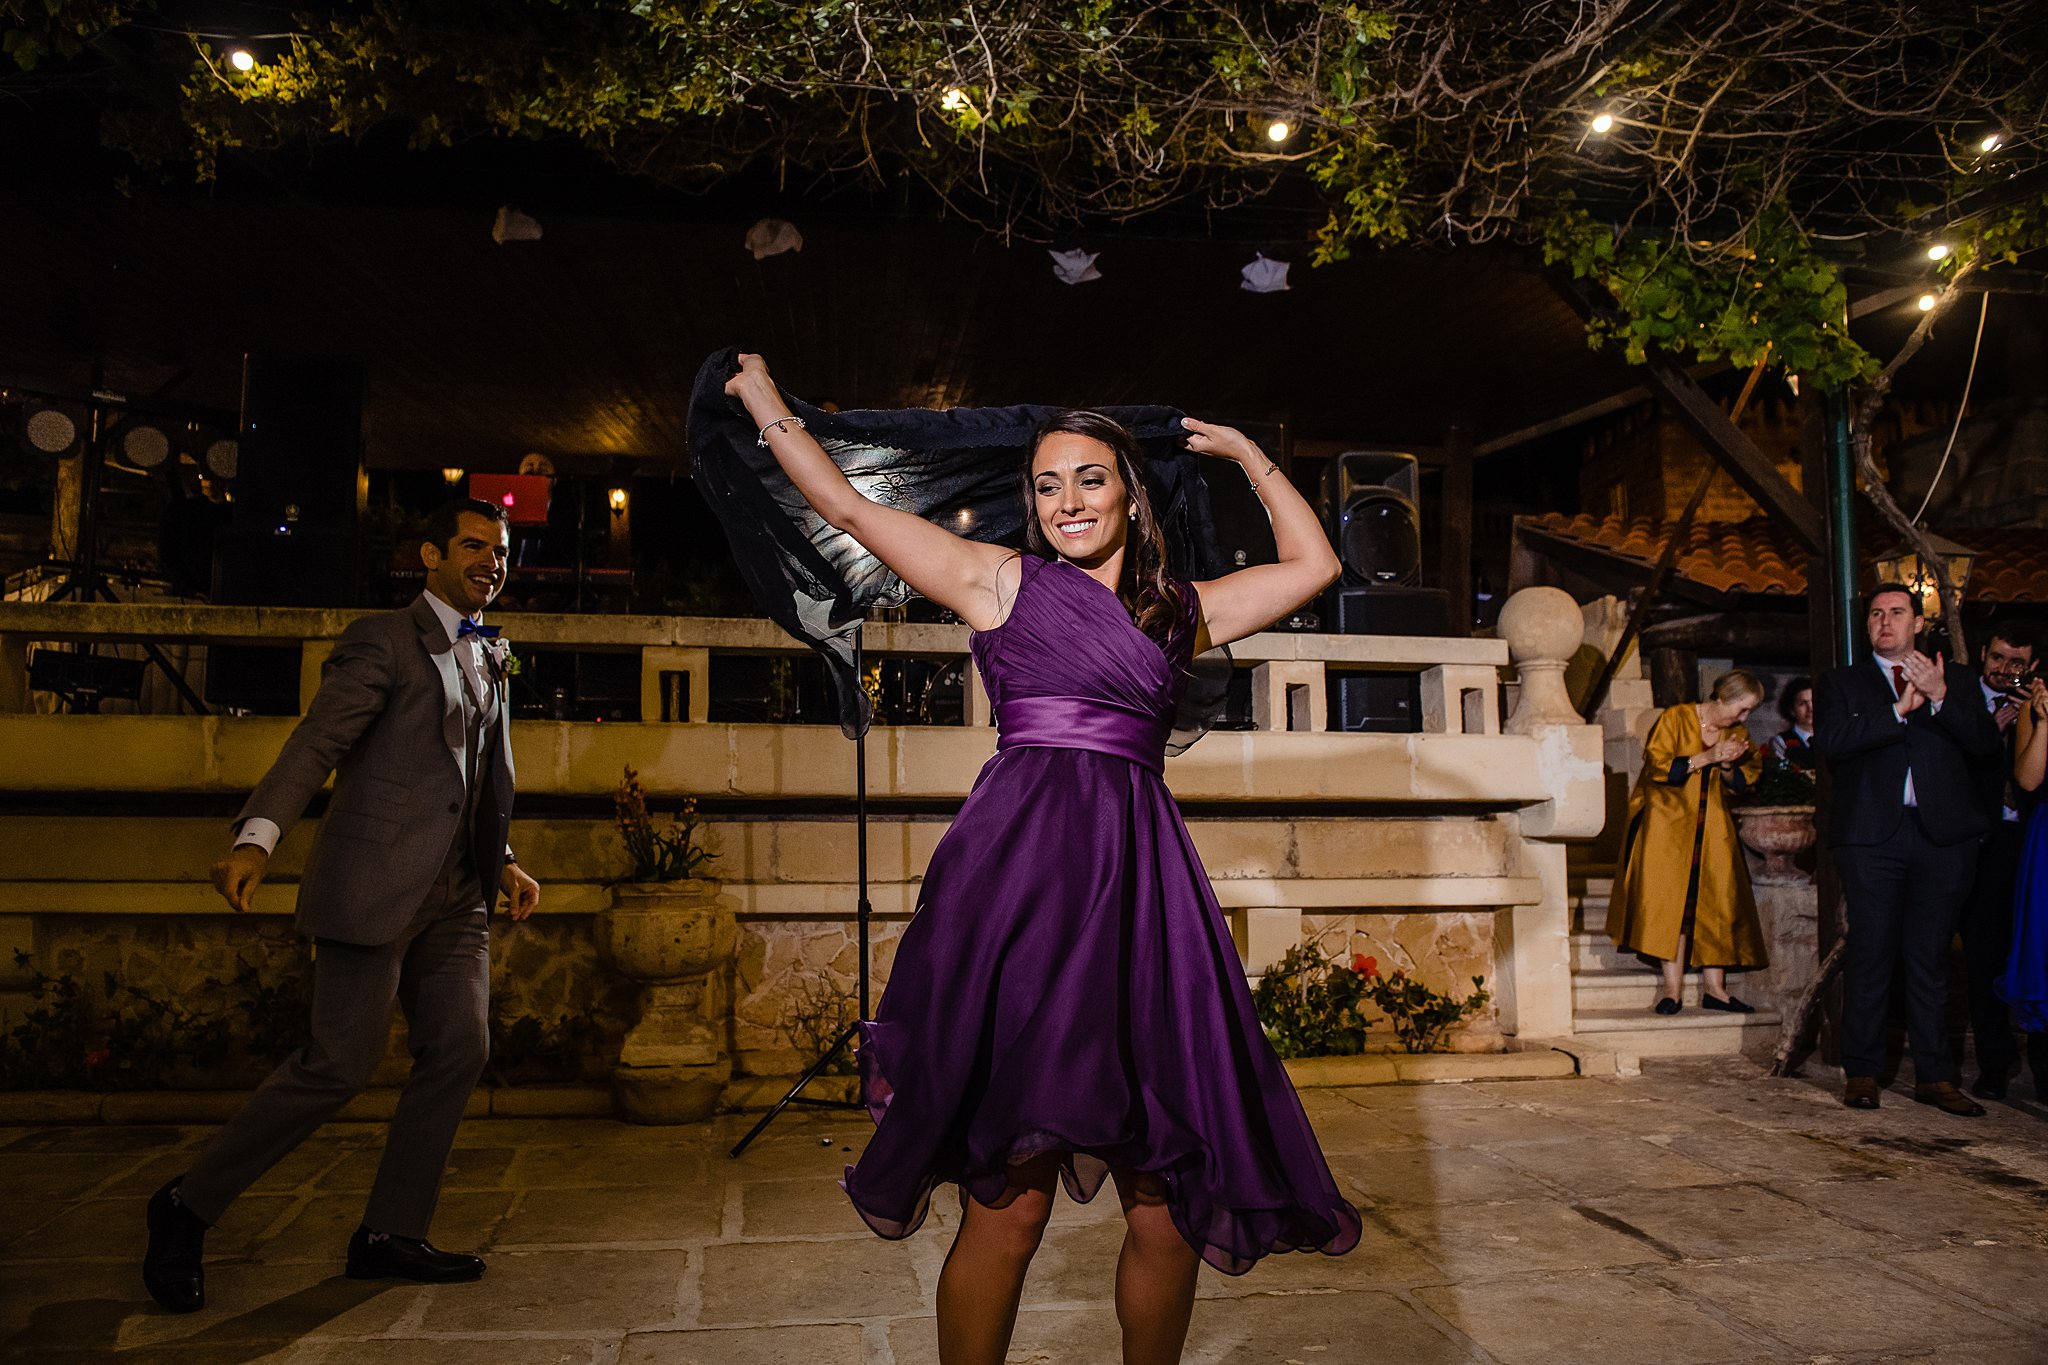 Hannah & Taif | Palazzo Villa Rosa & Razzett L'Abjad | Wedding Photography Malta by Shane P. WattsHannah & Taif | Palazzo Villa Rosa & Razzett L'Abjad | Wedding Photography Malta by Shane P. Watts